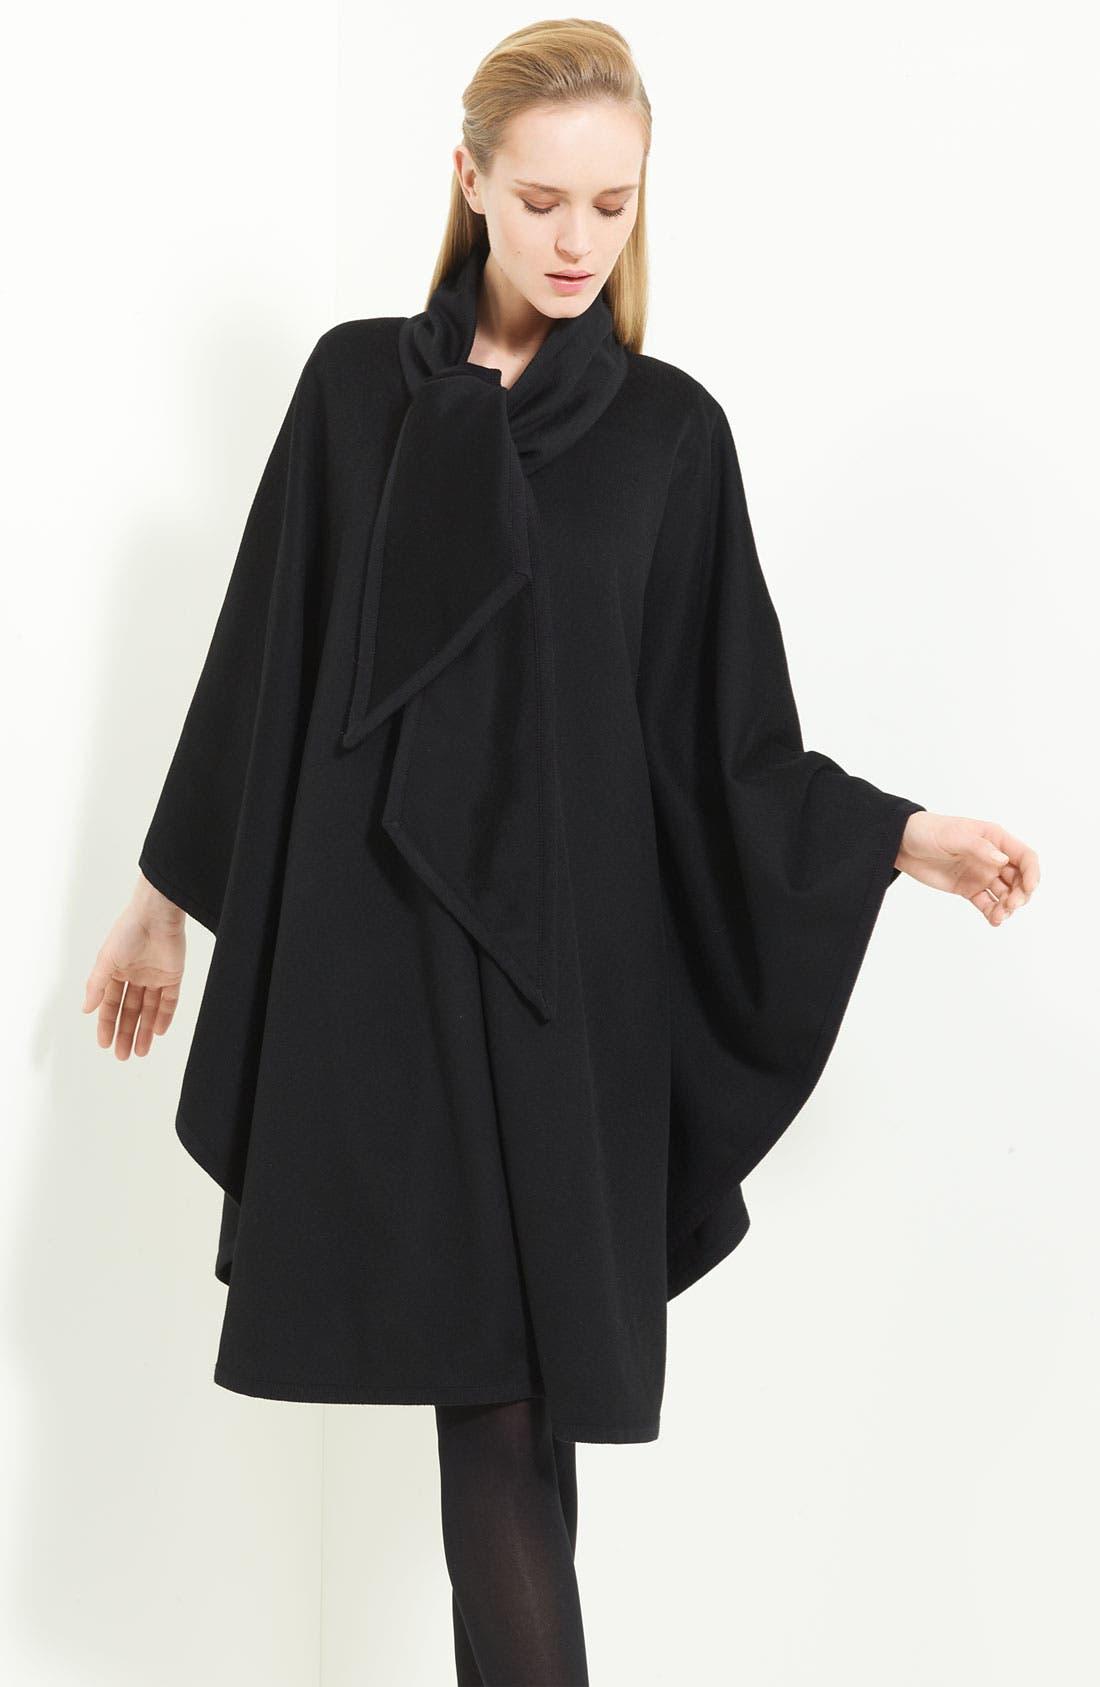 Alternate Image 1 Selected - Armani Collezioni Tie Neck Wool Cape